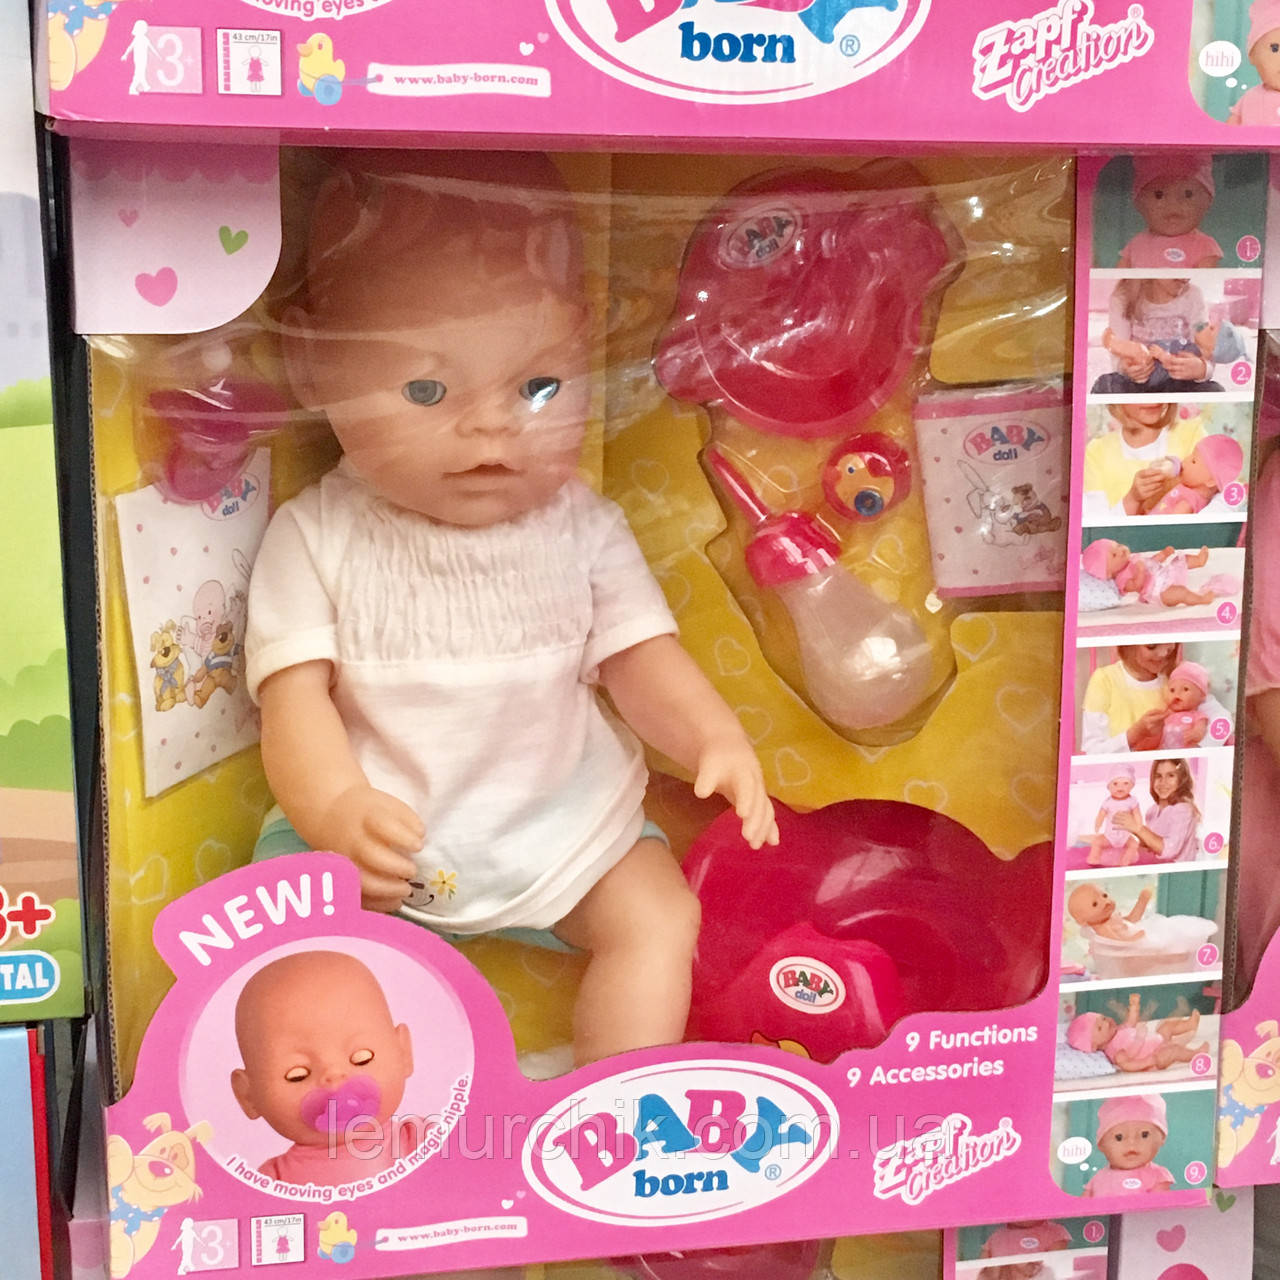 Кукла-пупс Baby born копия, 9 функций, 9 аксессуаров летняя одежда